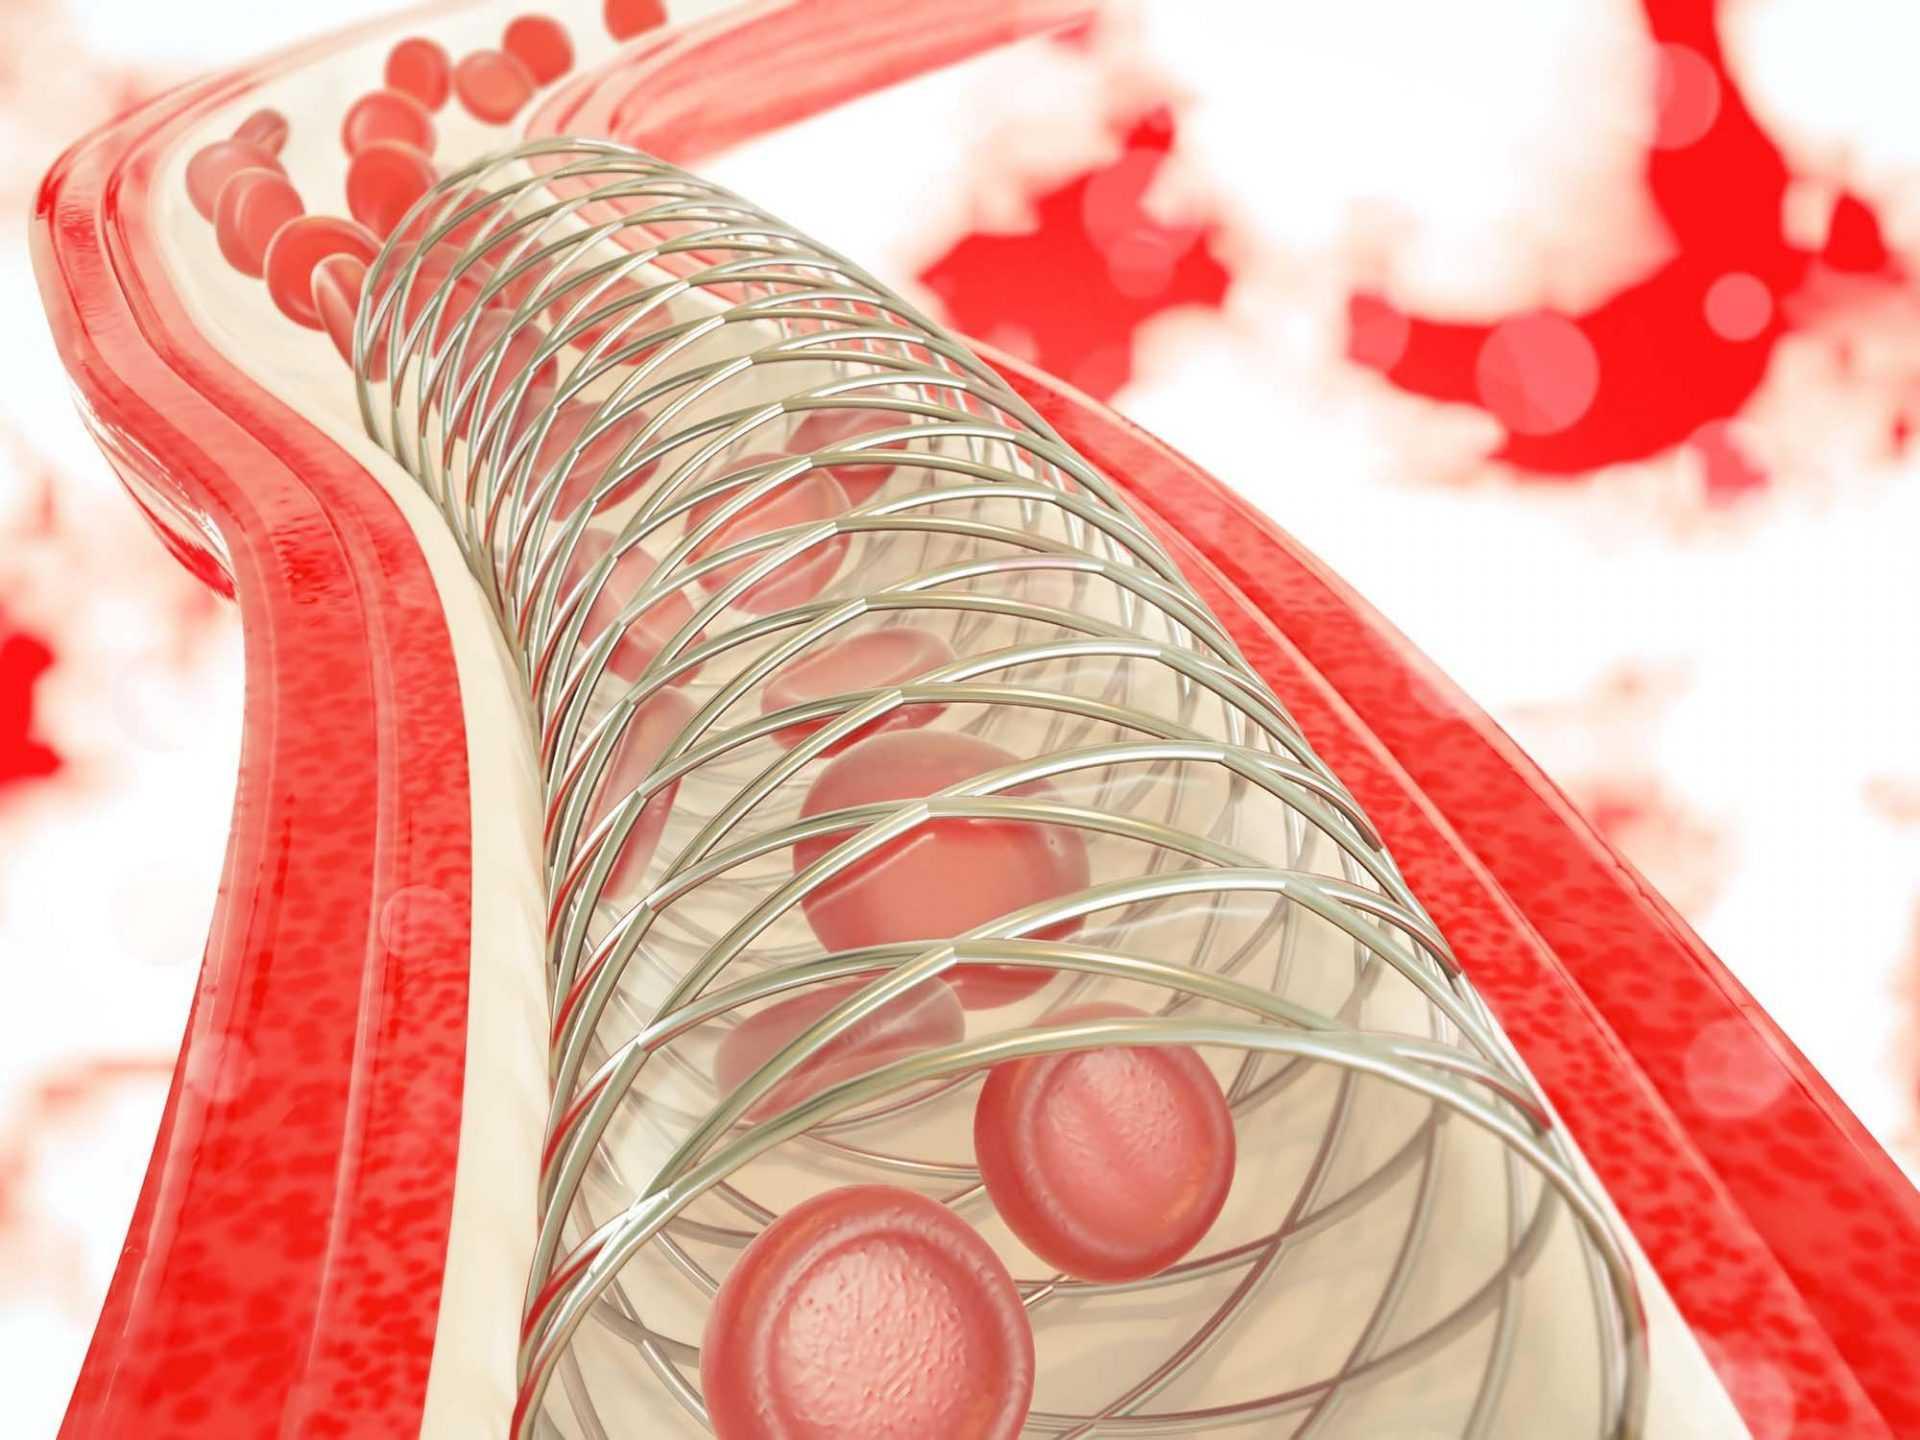 Последствия и прогноз для жизни при ишемическом инсульте